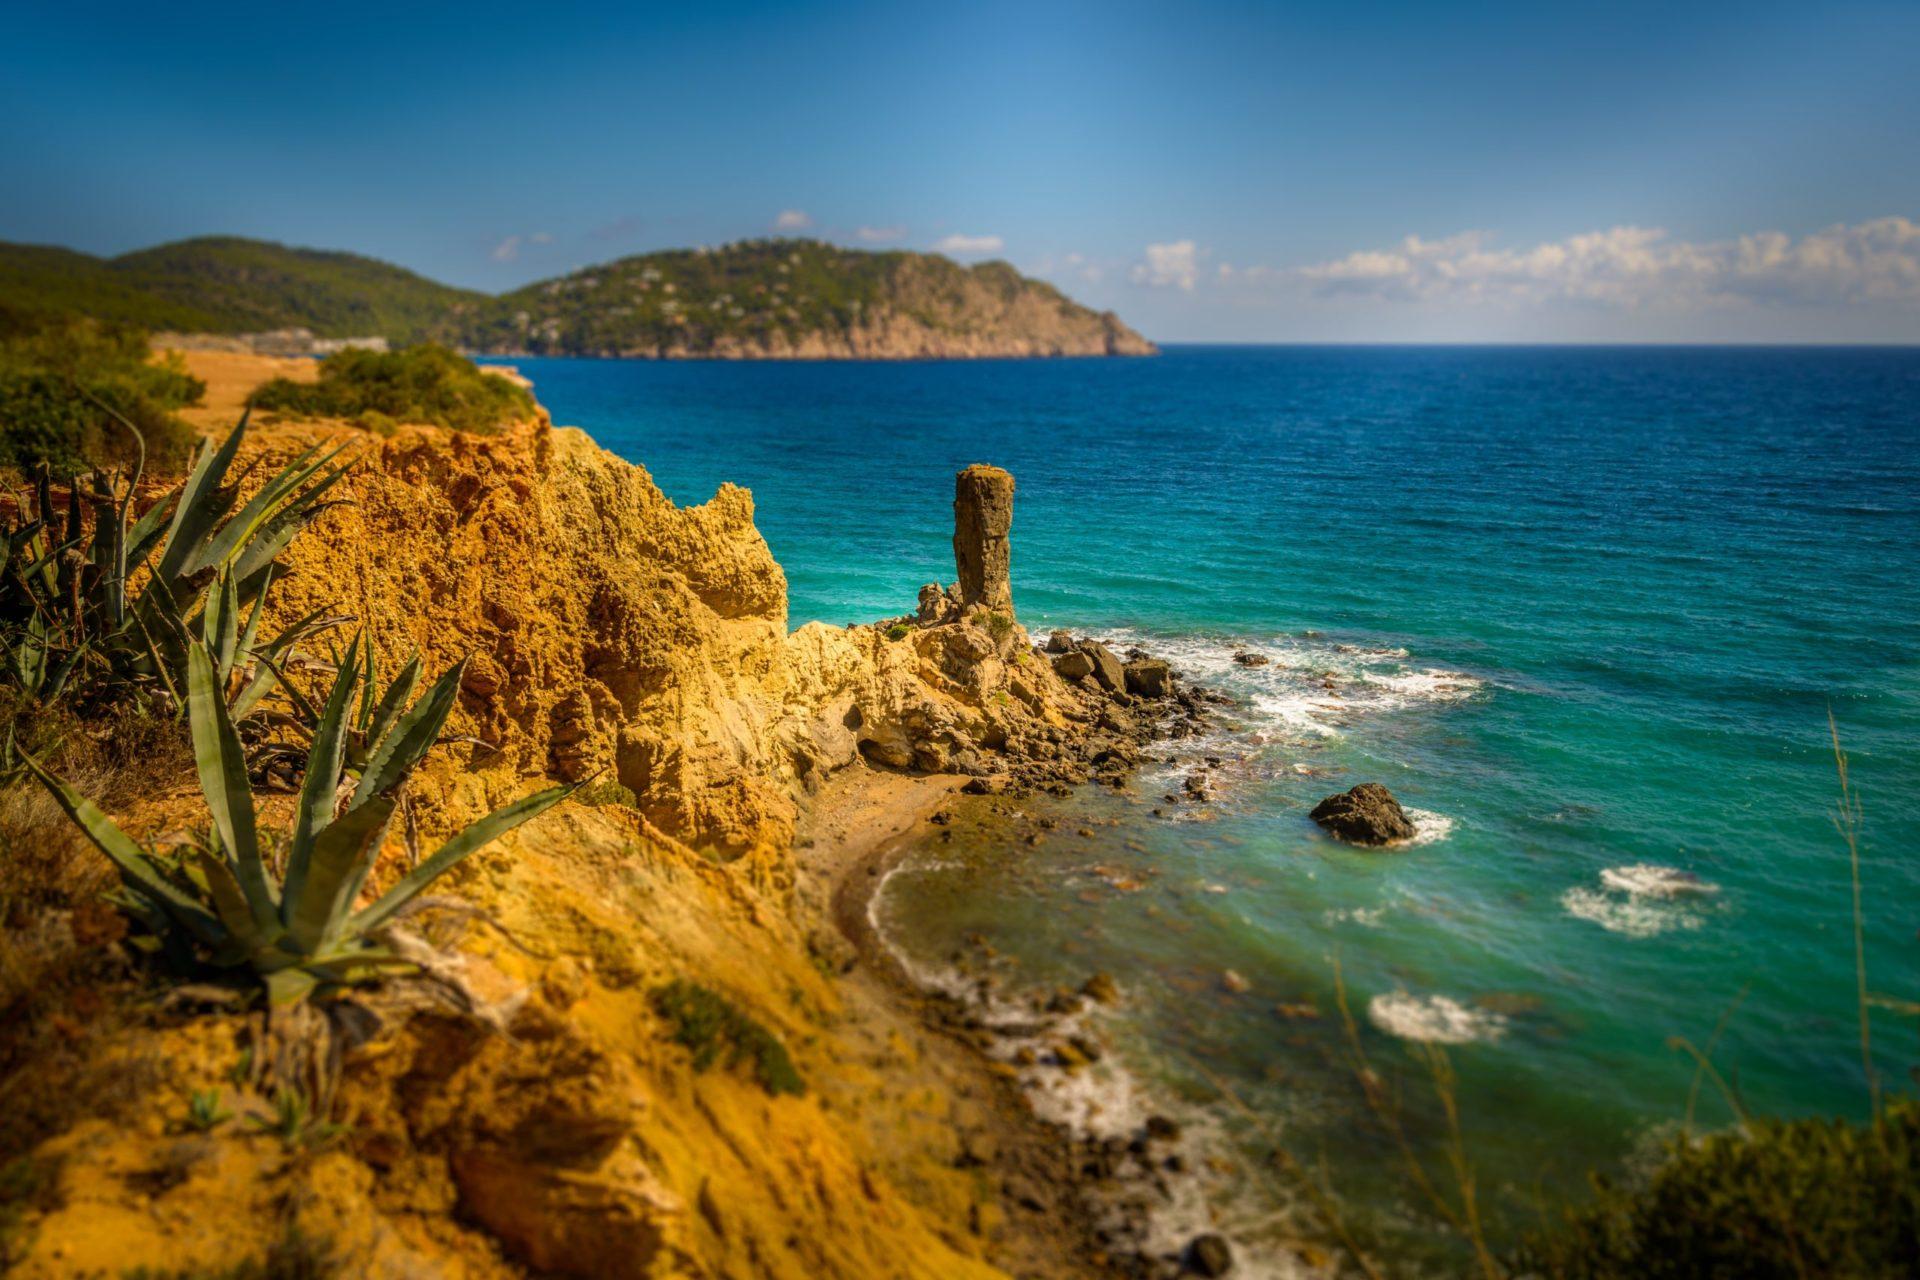 Wassertemperatur Ibiza: Isoliert stehende Felsnadel vor einer Steilküste mit türkis-blauem Mittelmeer